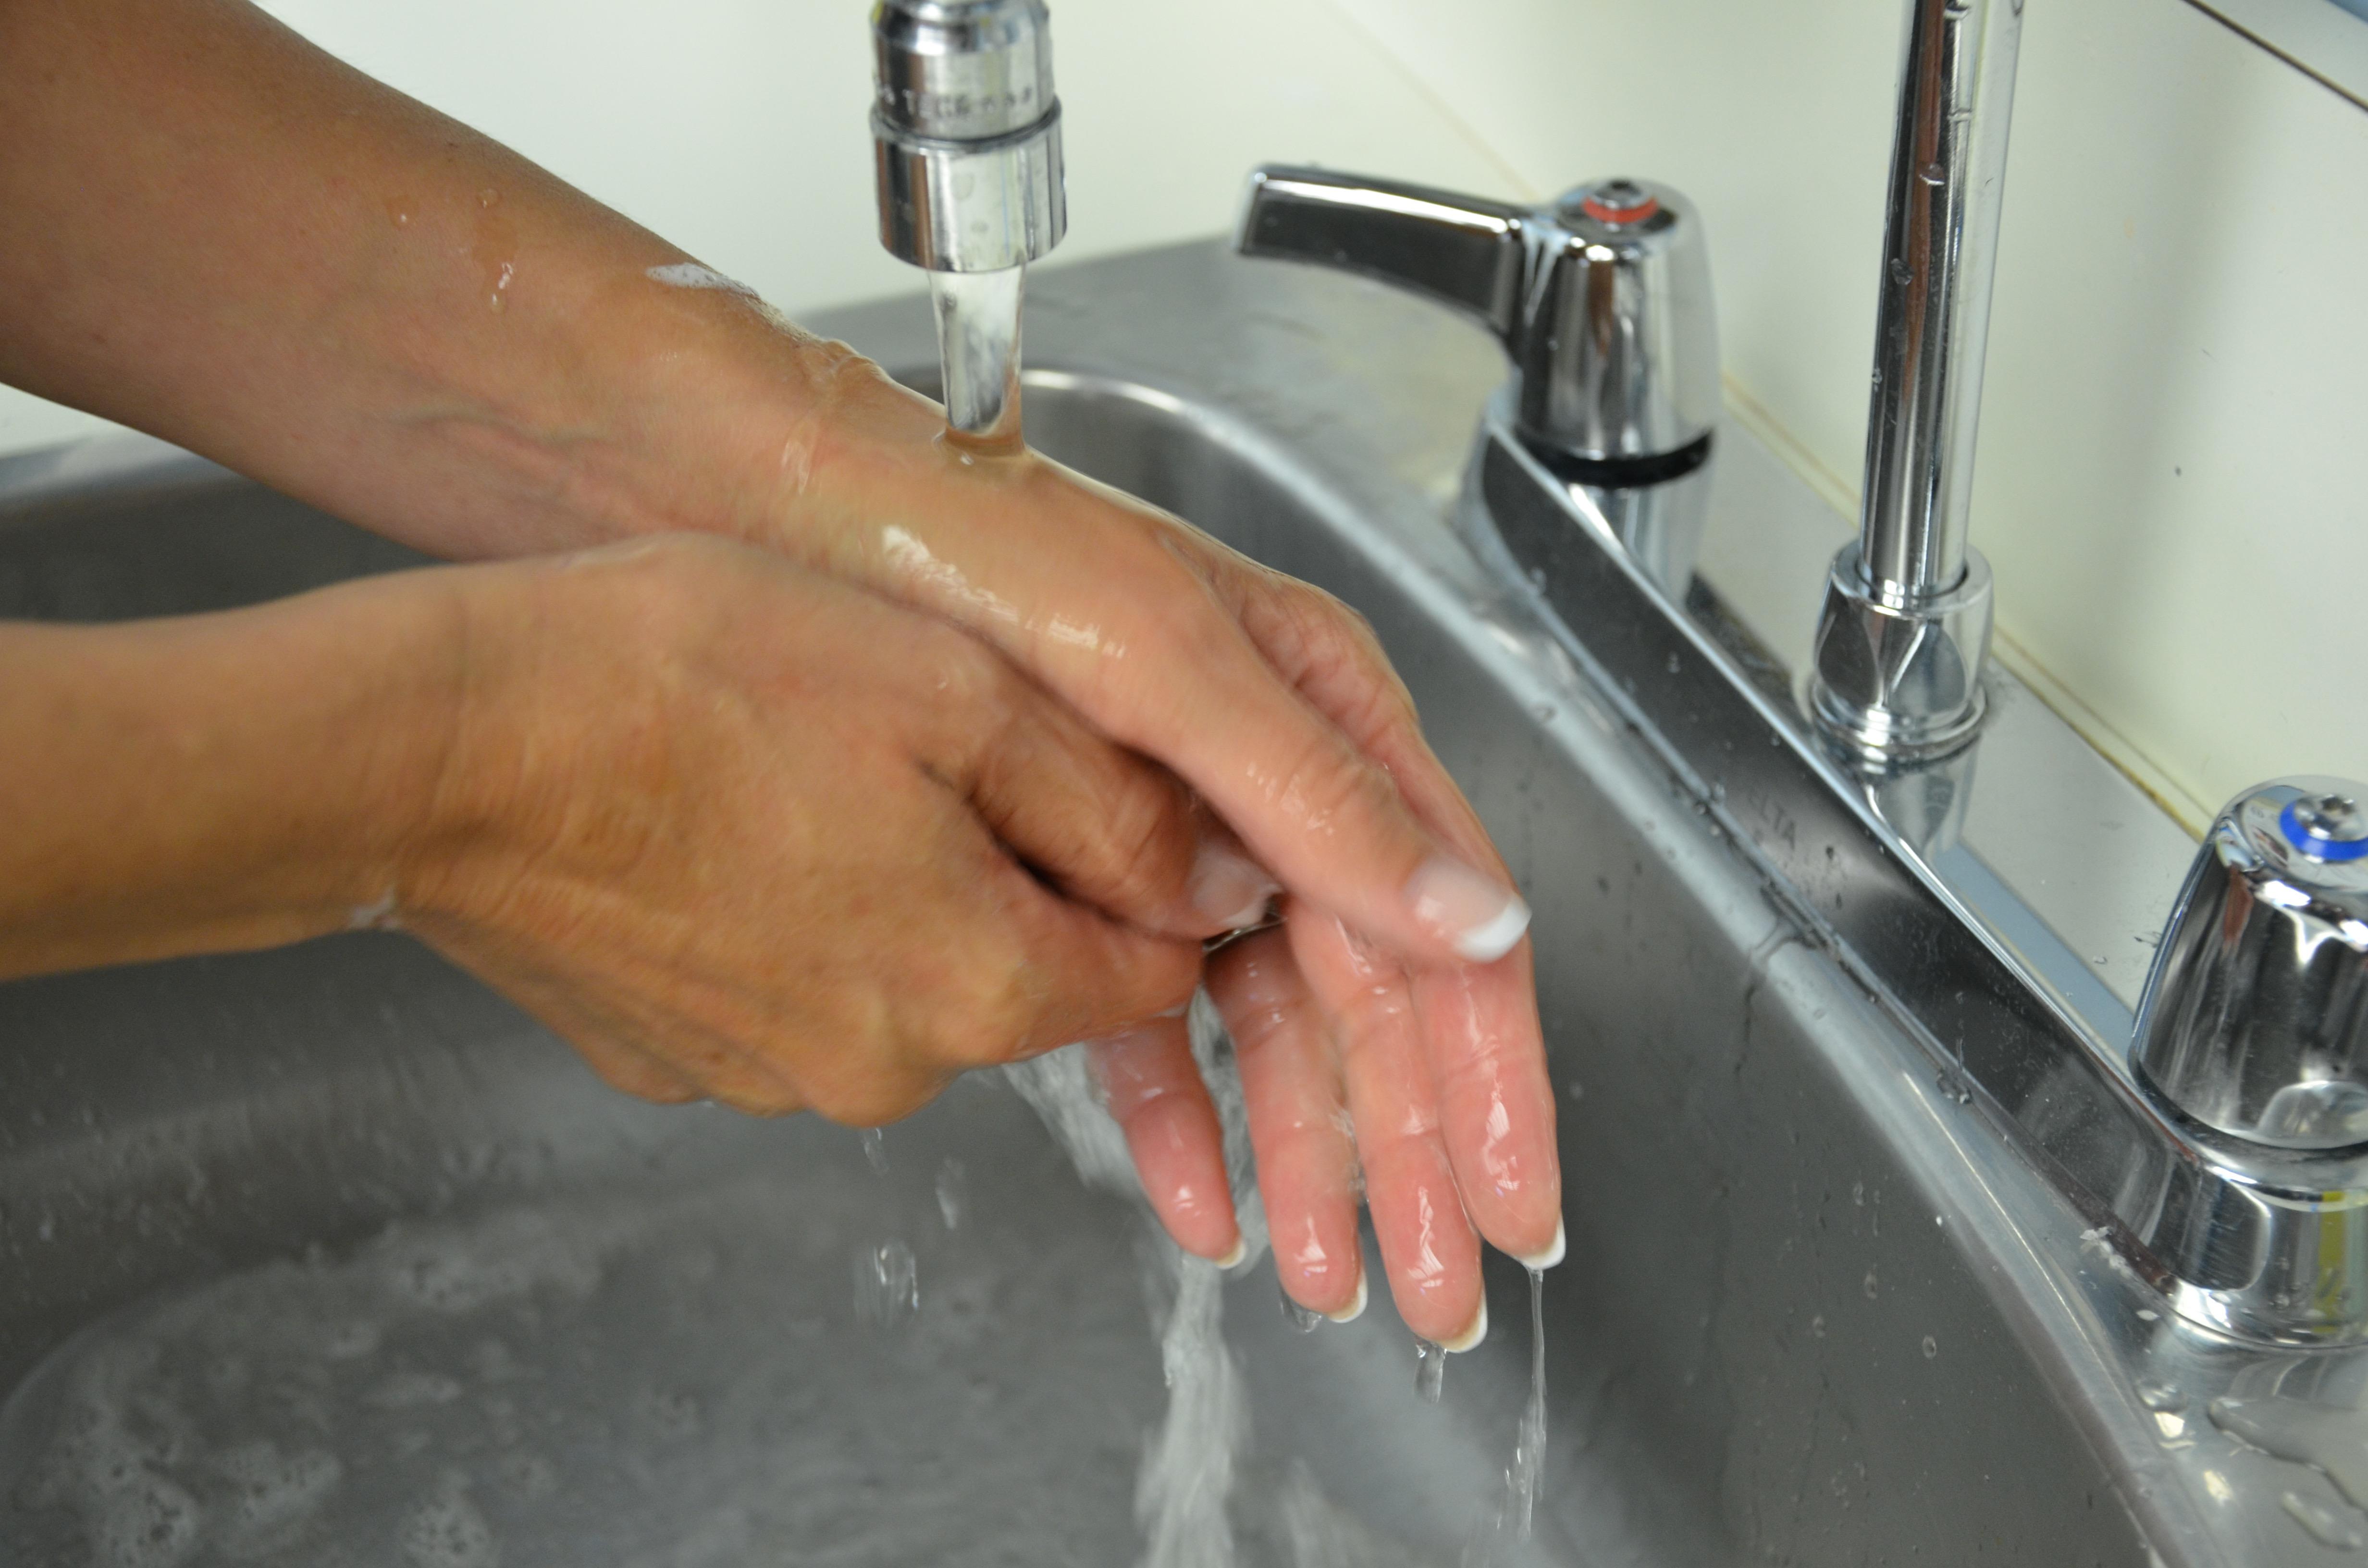 Clean Hands 2015